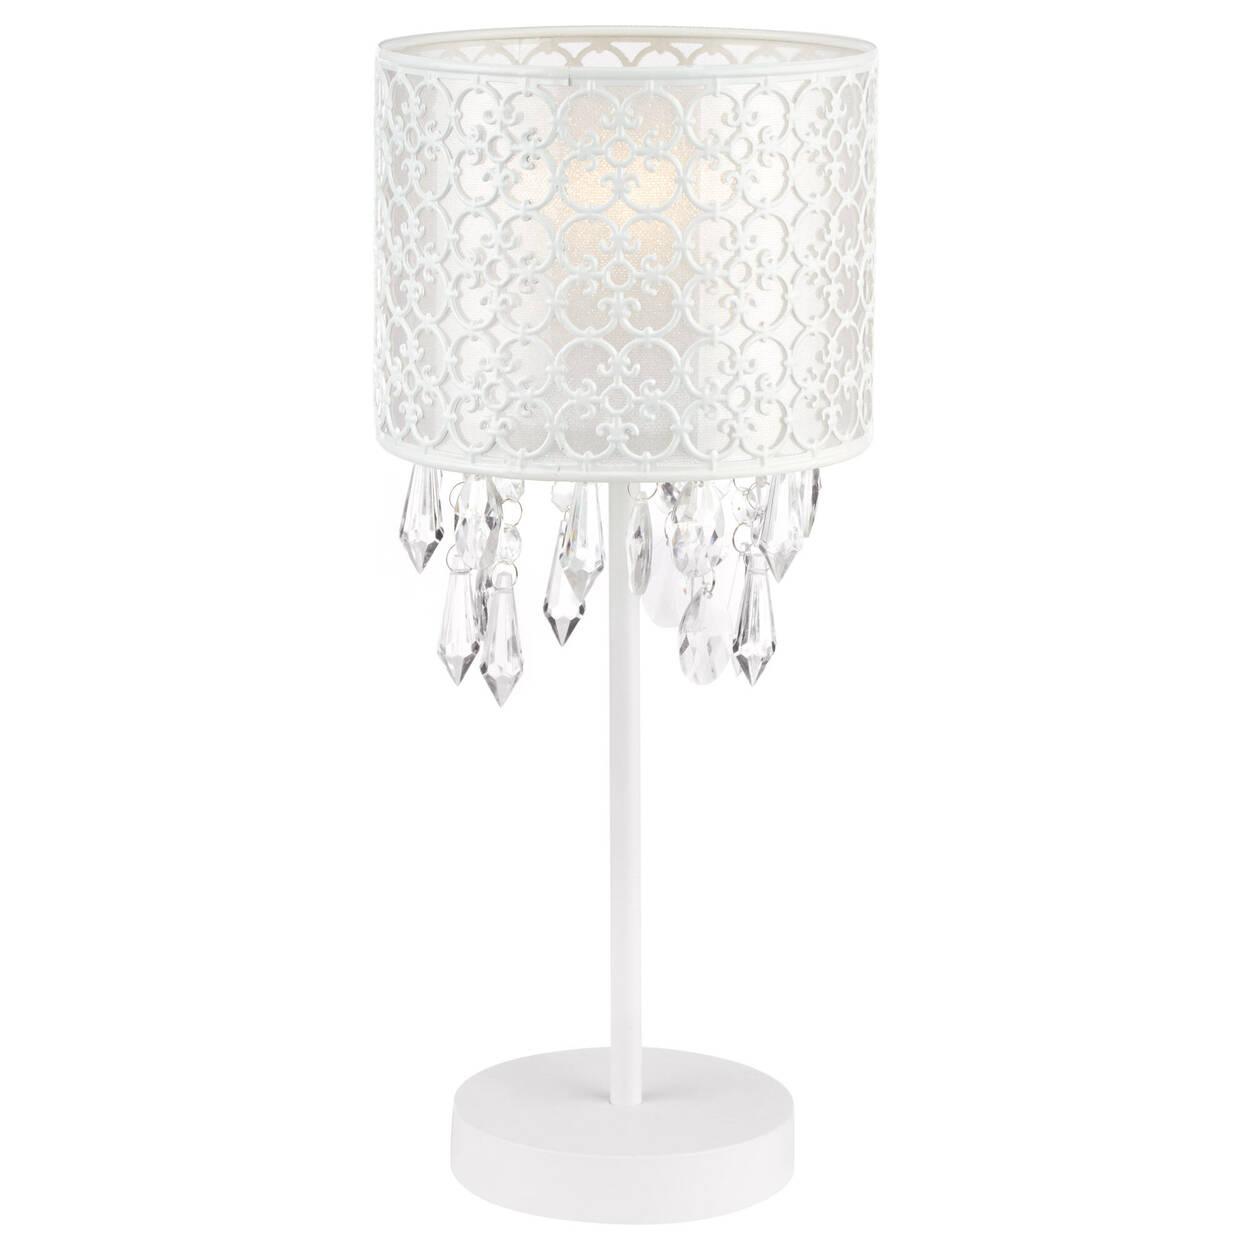 Lampe de table baroque ajourée avec gouttelettes décoratives